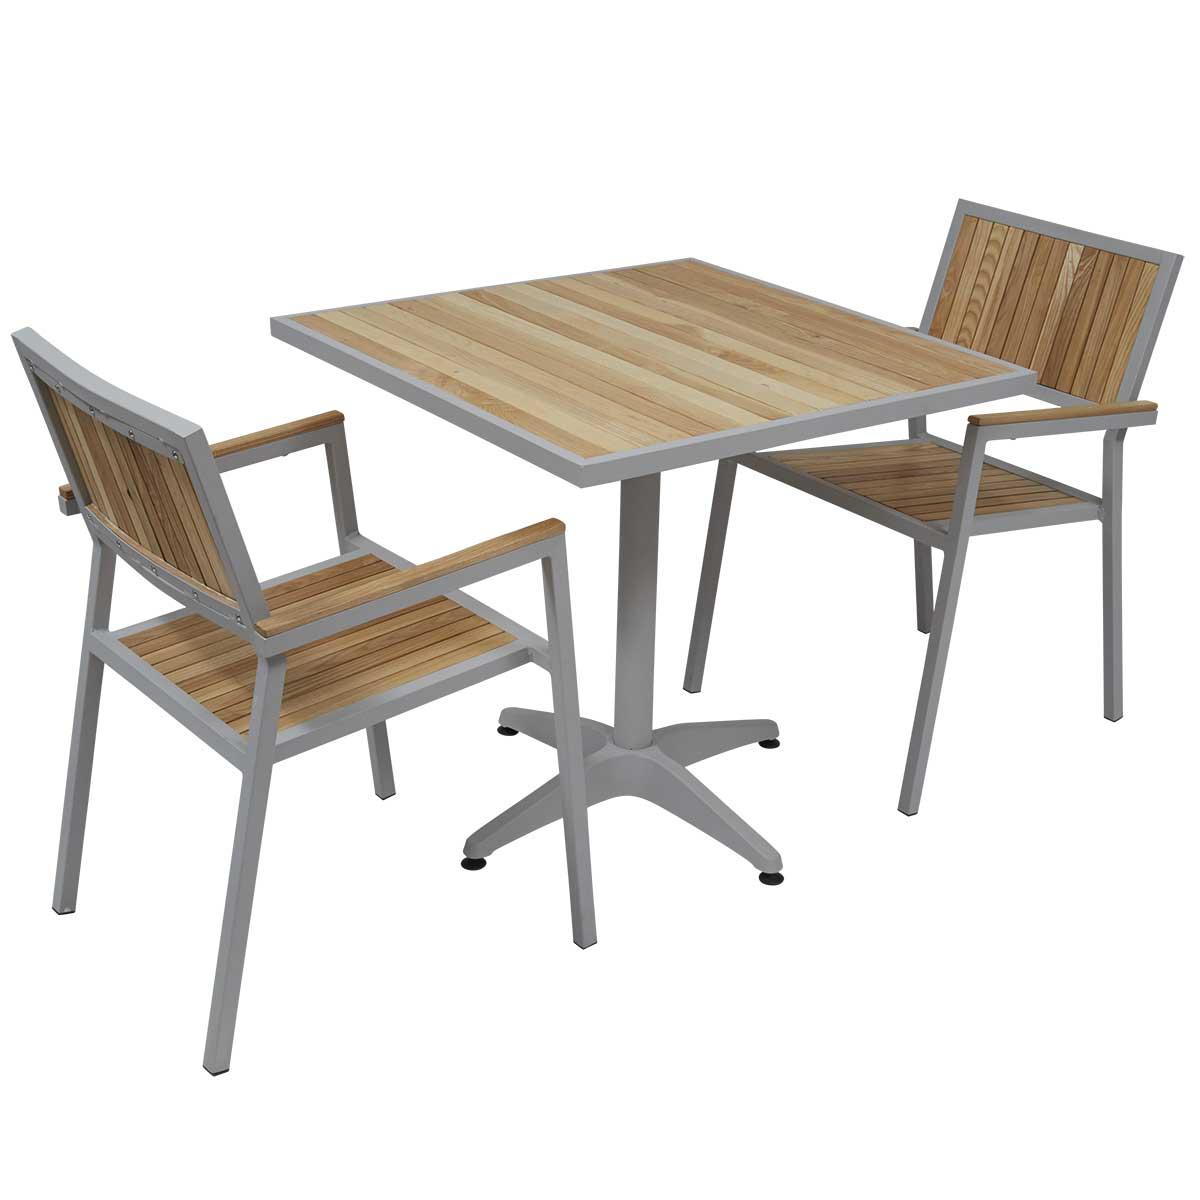 Table Et Chaise Terrasse Génial Table Terrasse Pas Cher